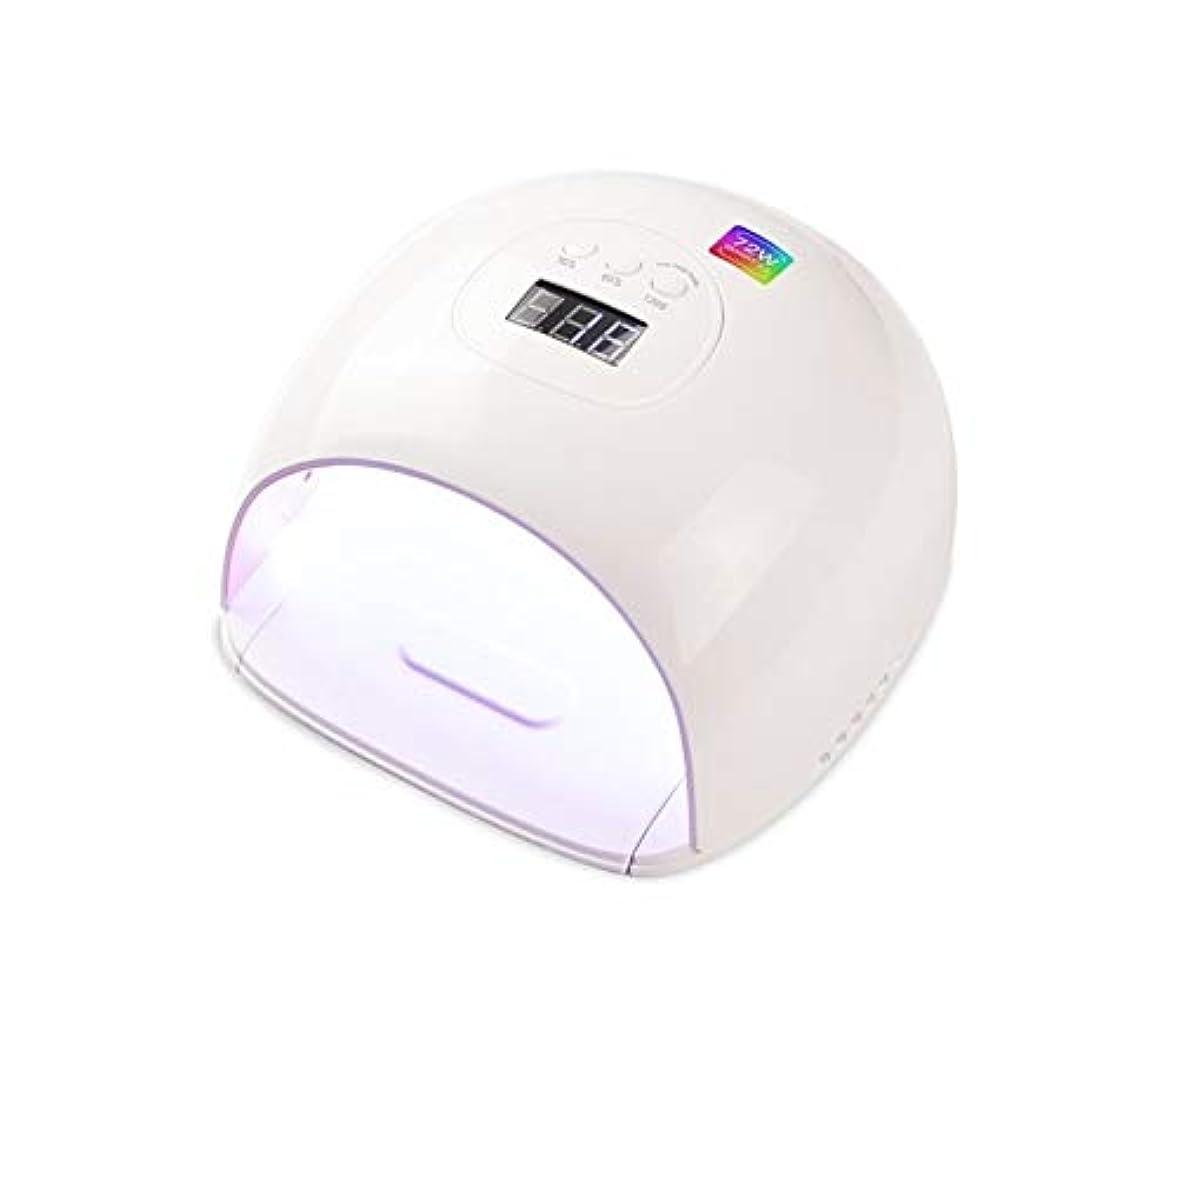 実行恵み分析的LittleCat UV / LEDランプスマートセンサネイルUVランプ電力72Wプラスチックポーランドドライヤー (色 : European standard circular plug)